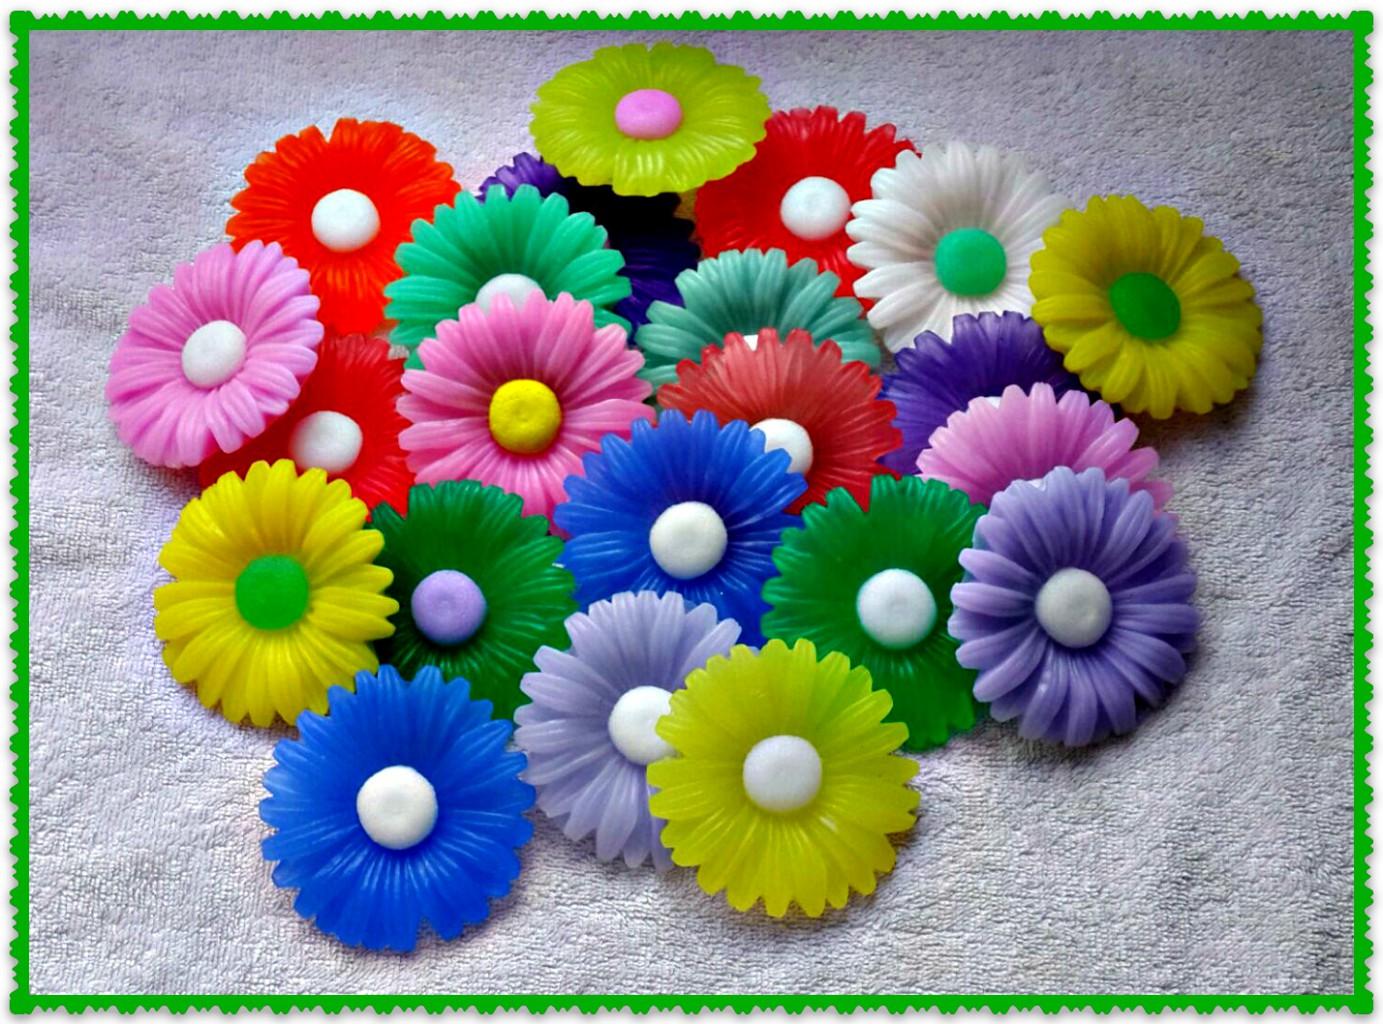 Мыльный рай!Теперь от 5р!!!Оригинальные подарки ручной работы !Ваши близкие будут довольны!букеты из конфет!Подарок каждому участнику!